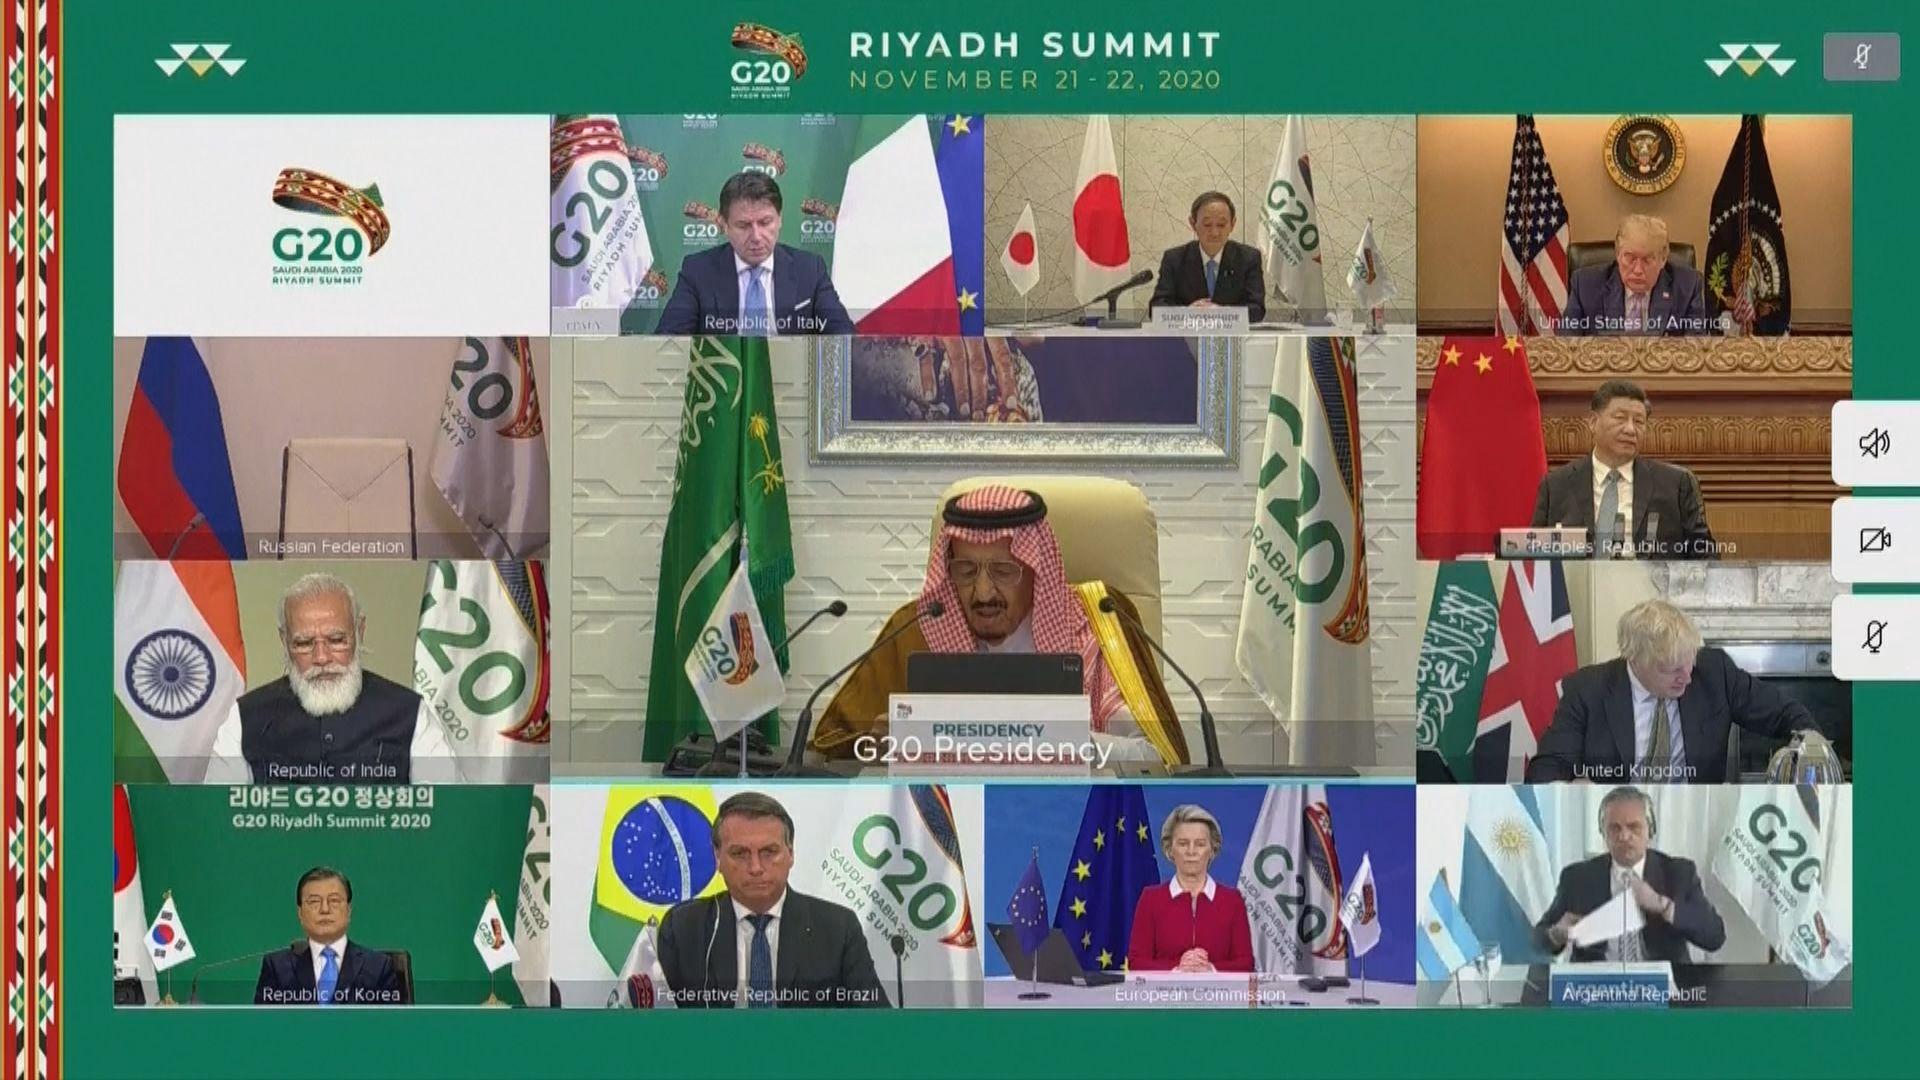 二十國集團召開視像峰會 G20領袖籲支持公平分配疫苗